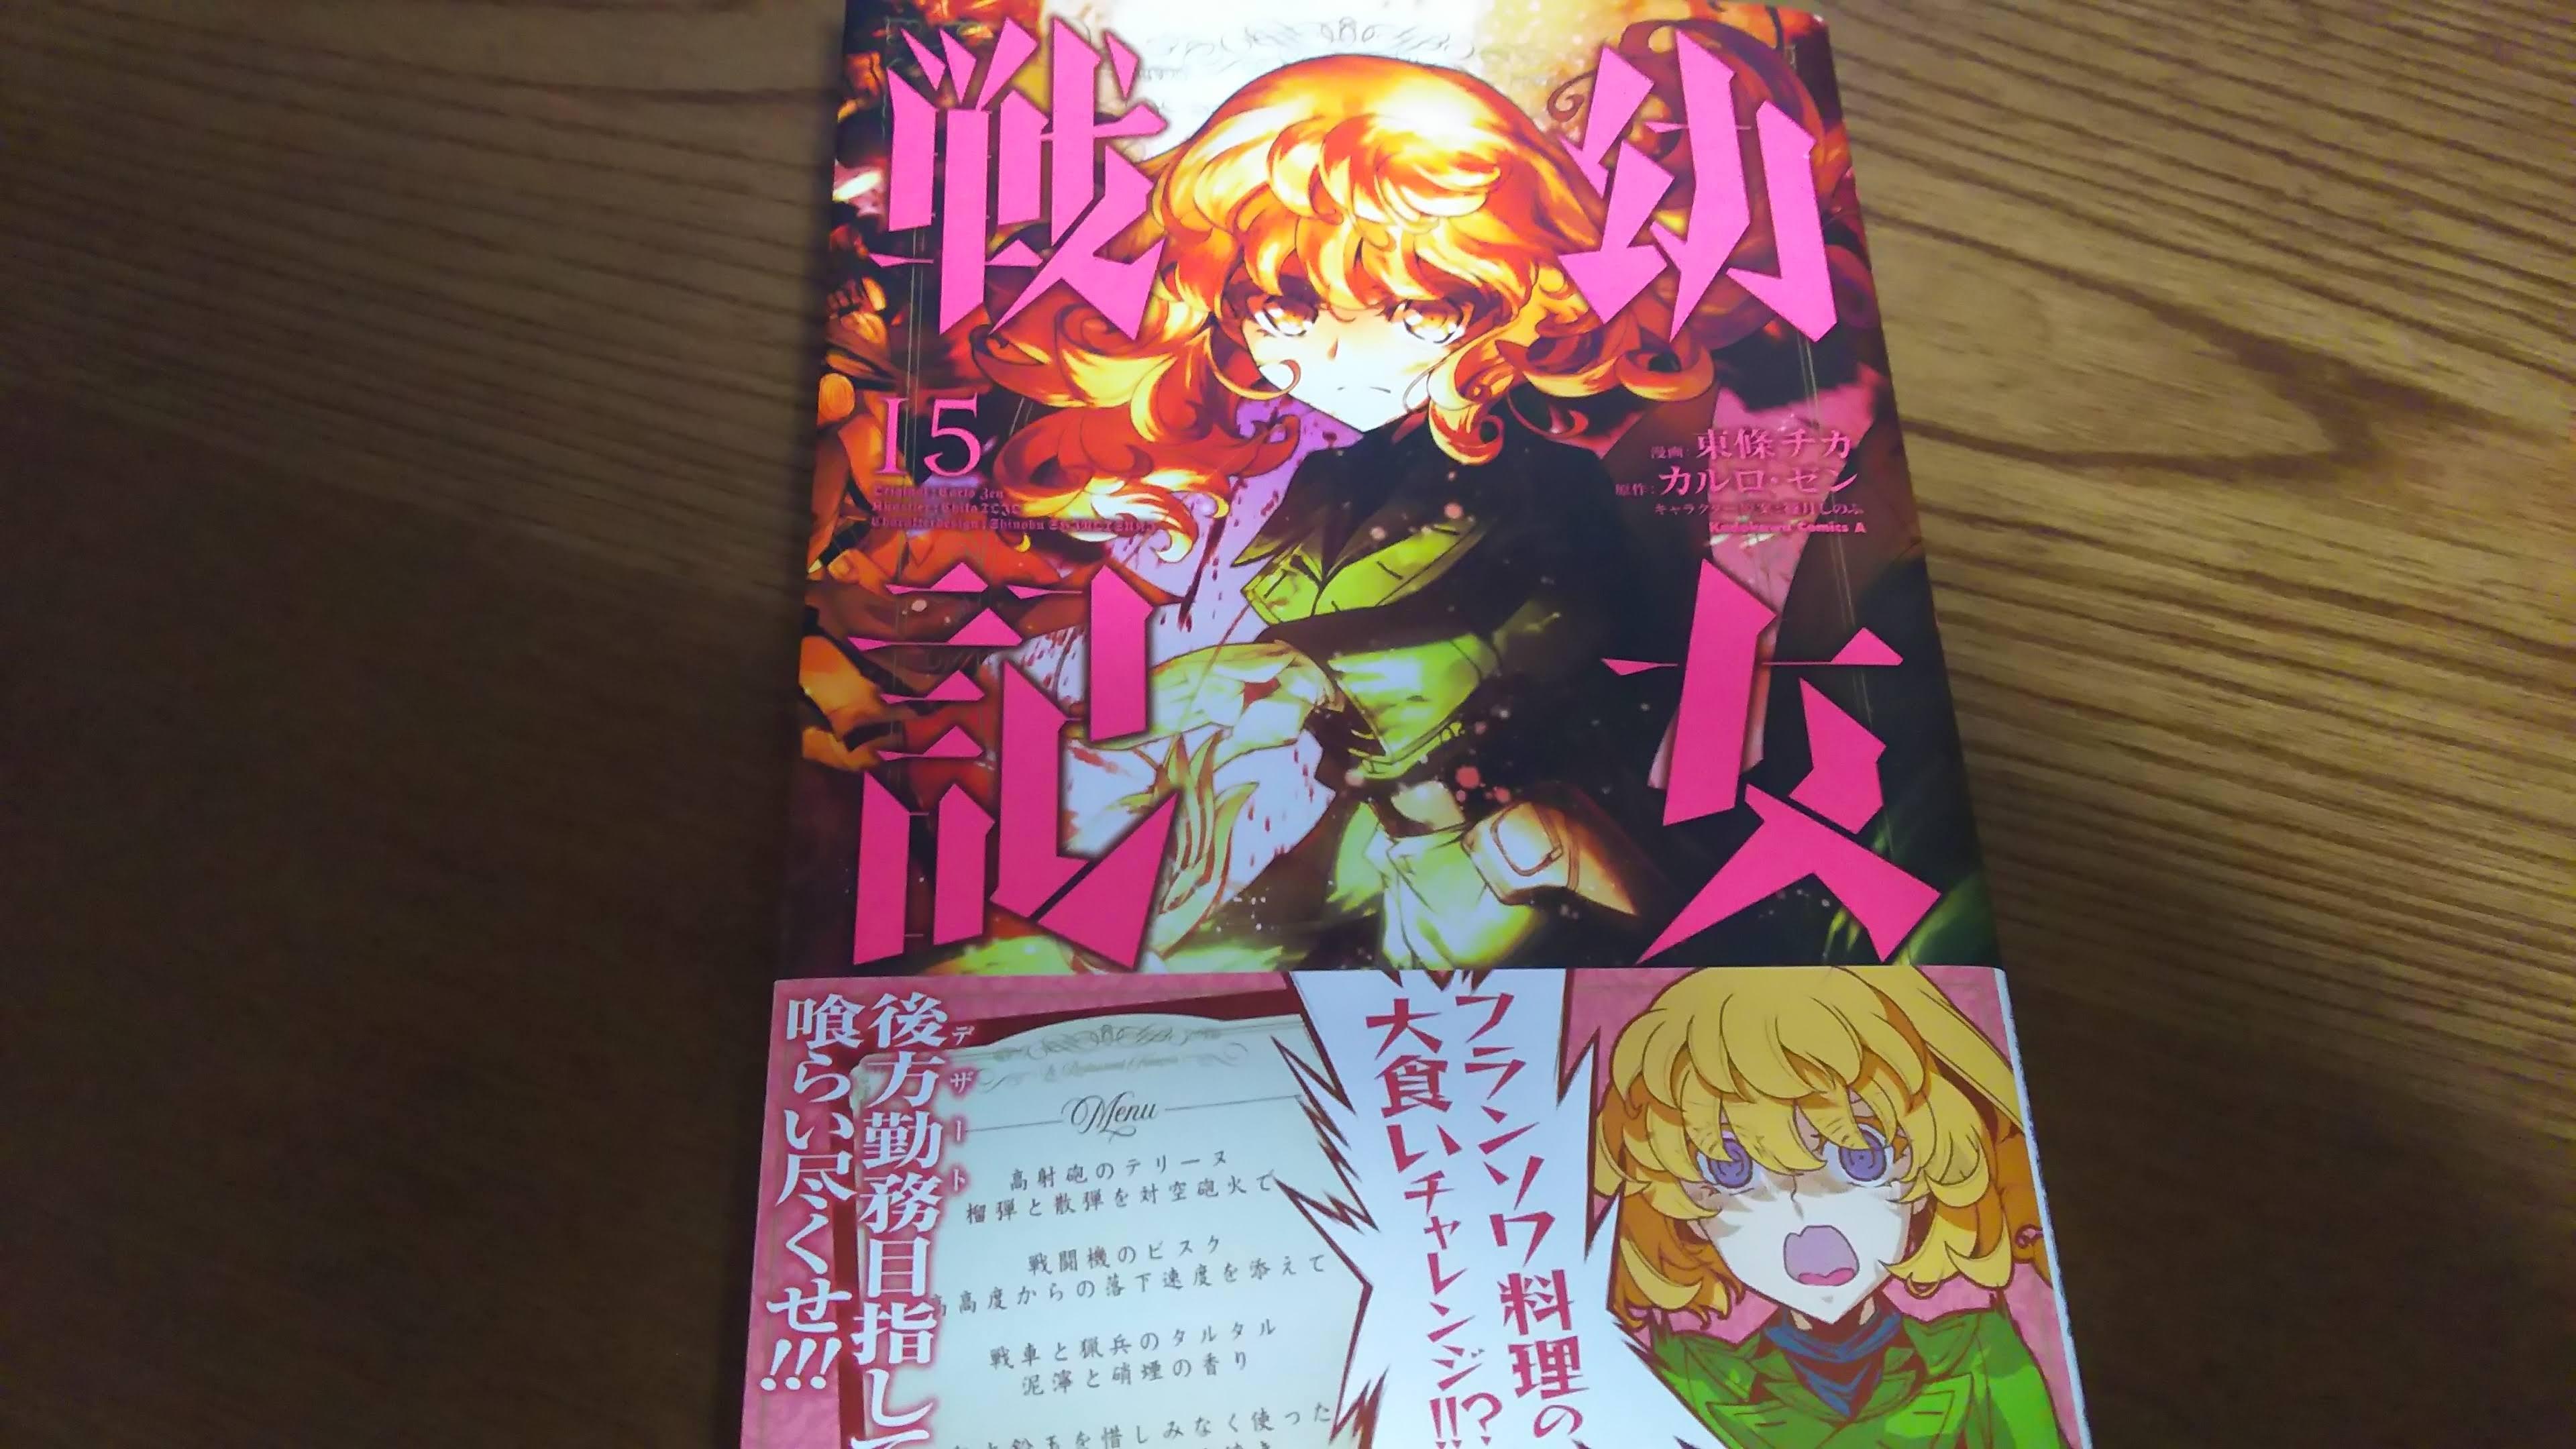 """マンガ読了あれこれ 幼女戦記15 / About reading manga """"Baby Girl Senki(military history)"""" Vol.15"""